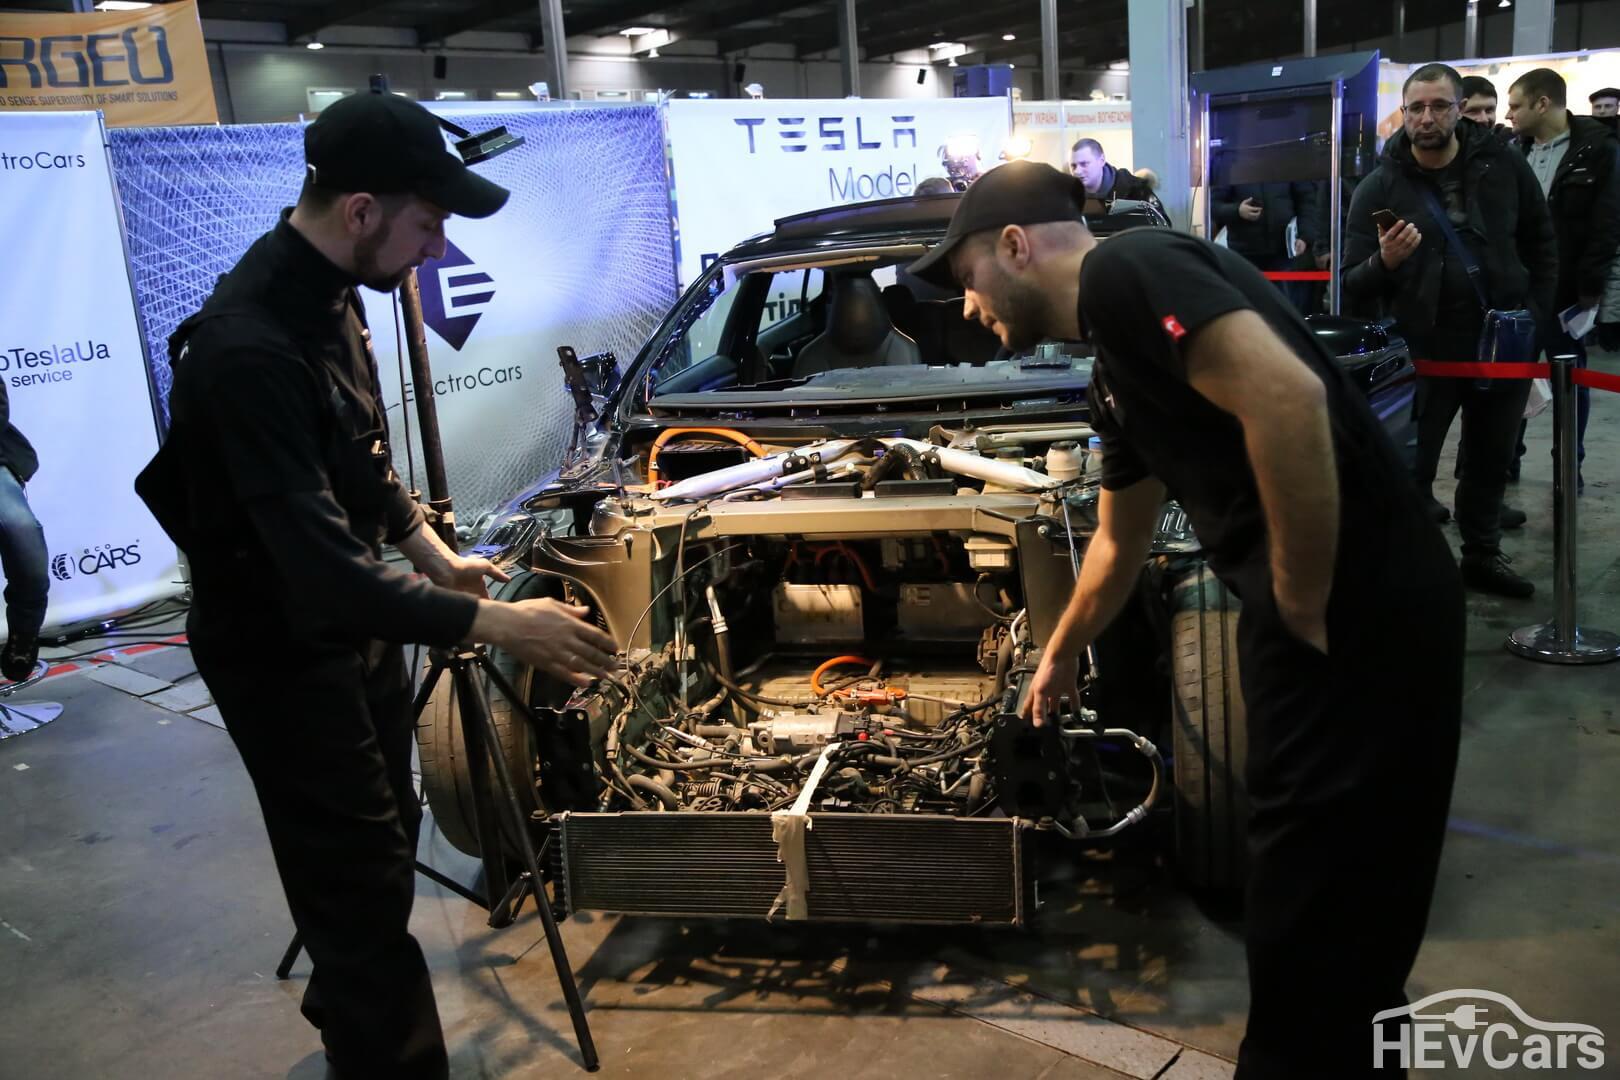 Специалисты по Tesla в Electrocars